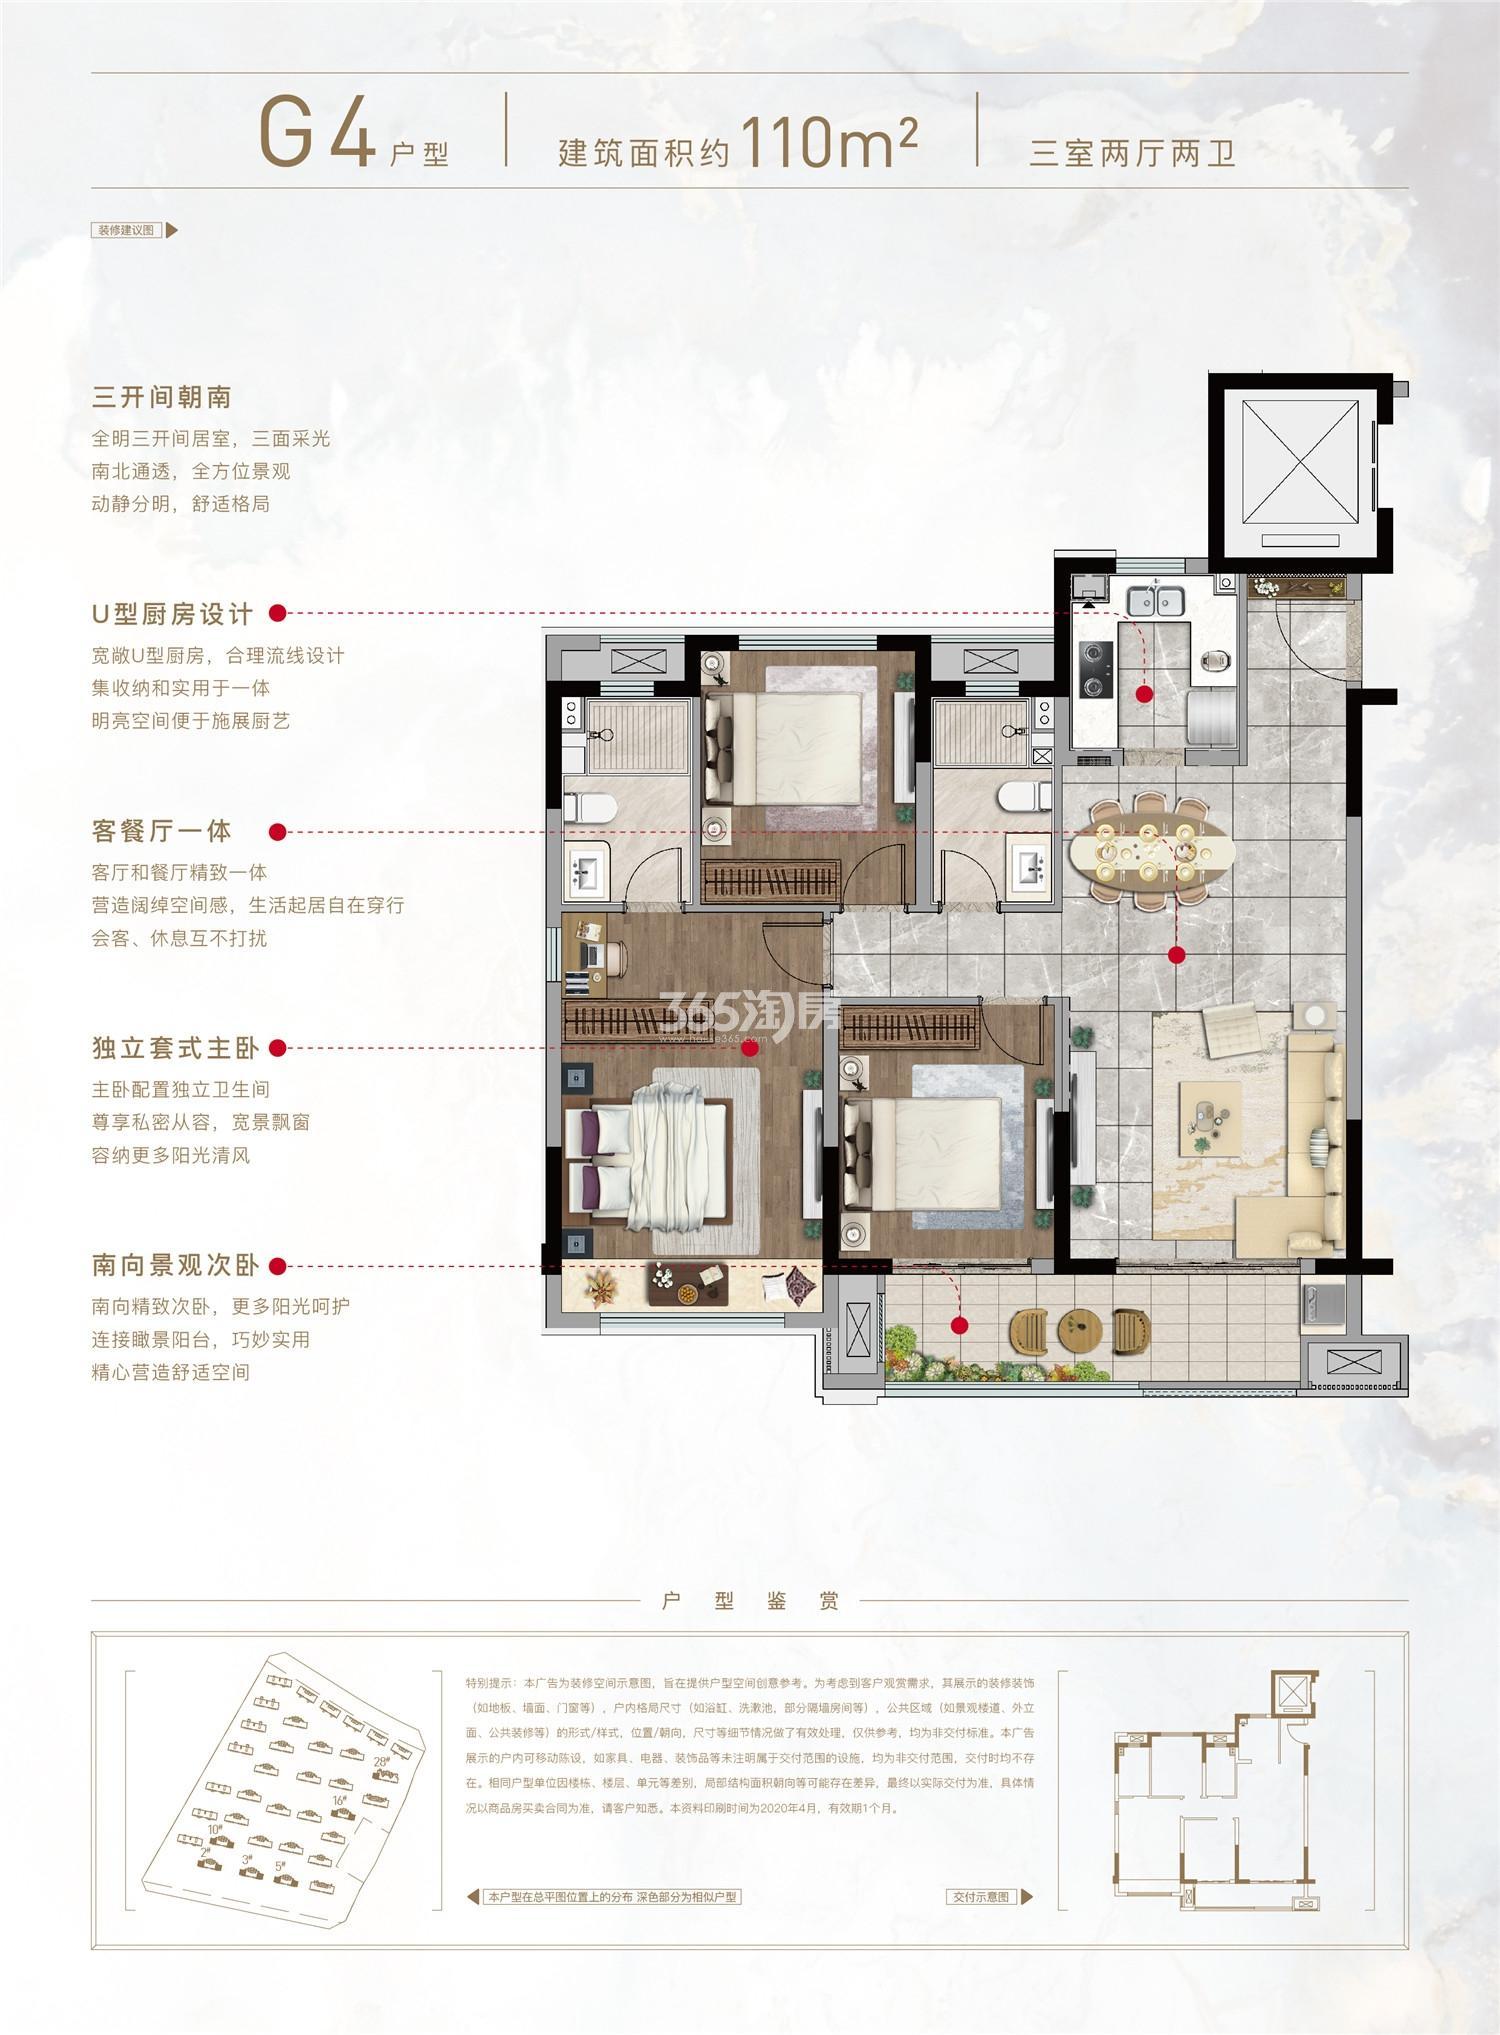 华鸿·鸿樾府G4,110㎡户型图